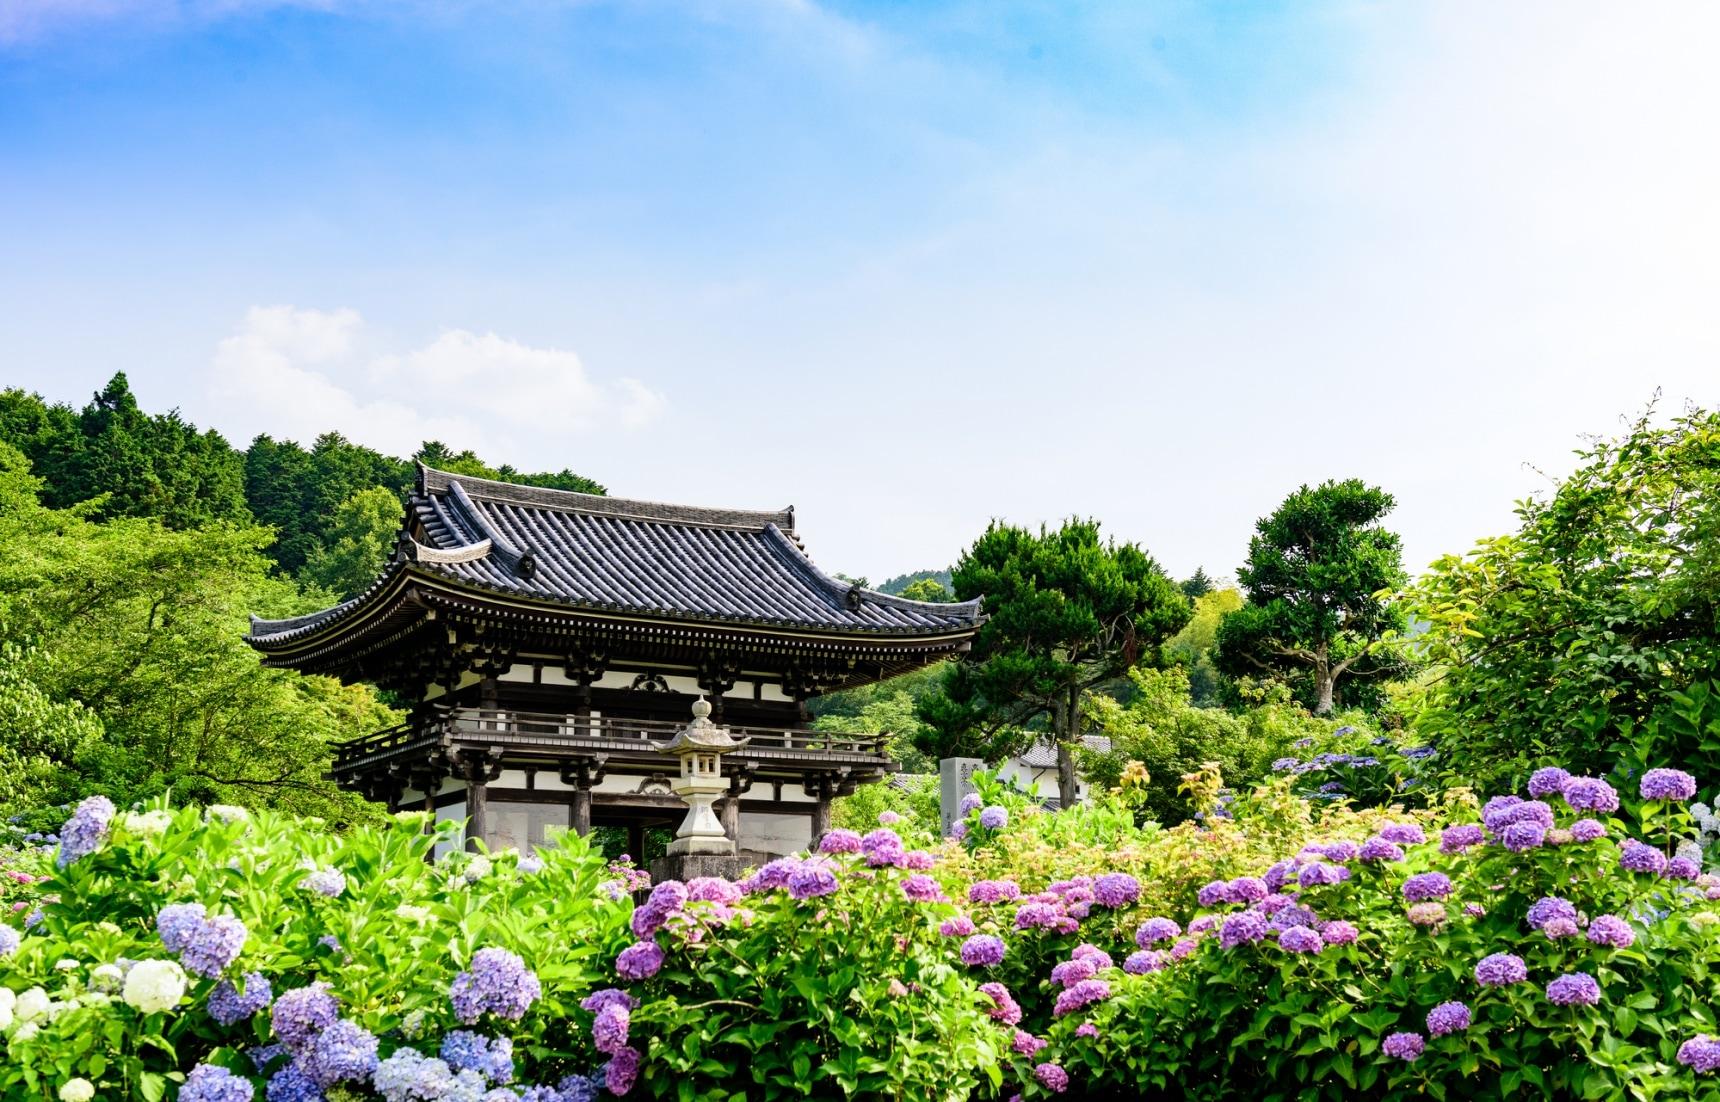 Top 10 Hydrangea Flower Spots in Kyoto